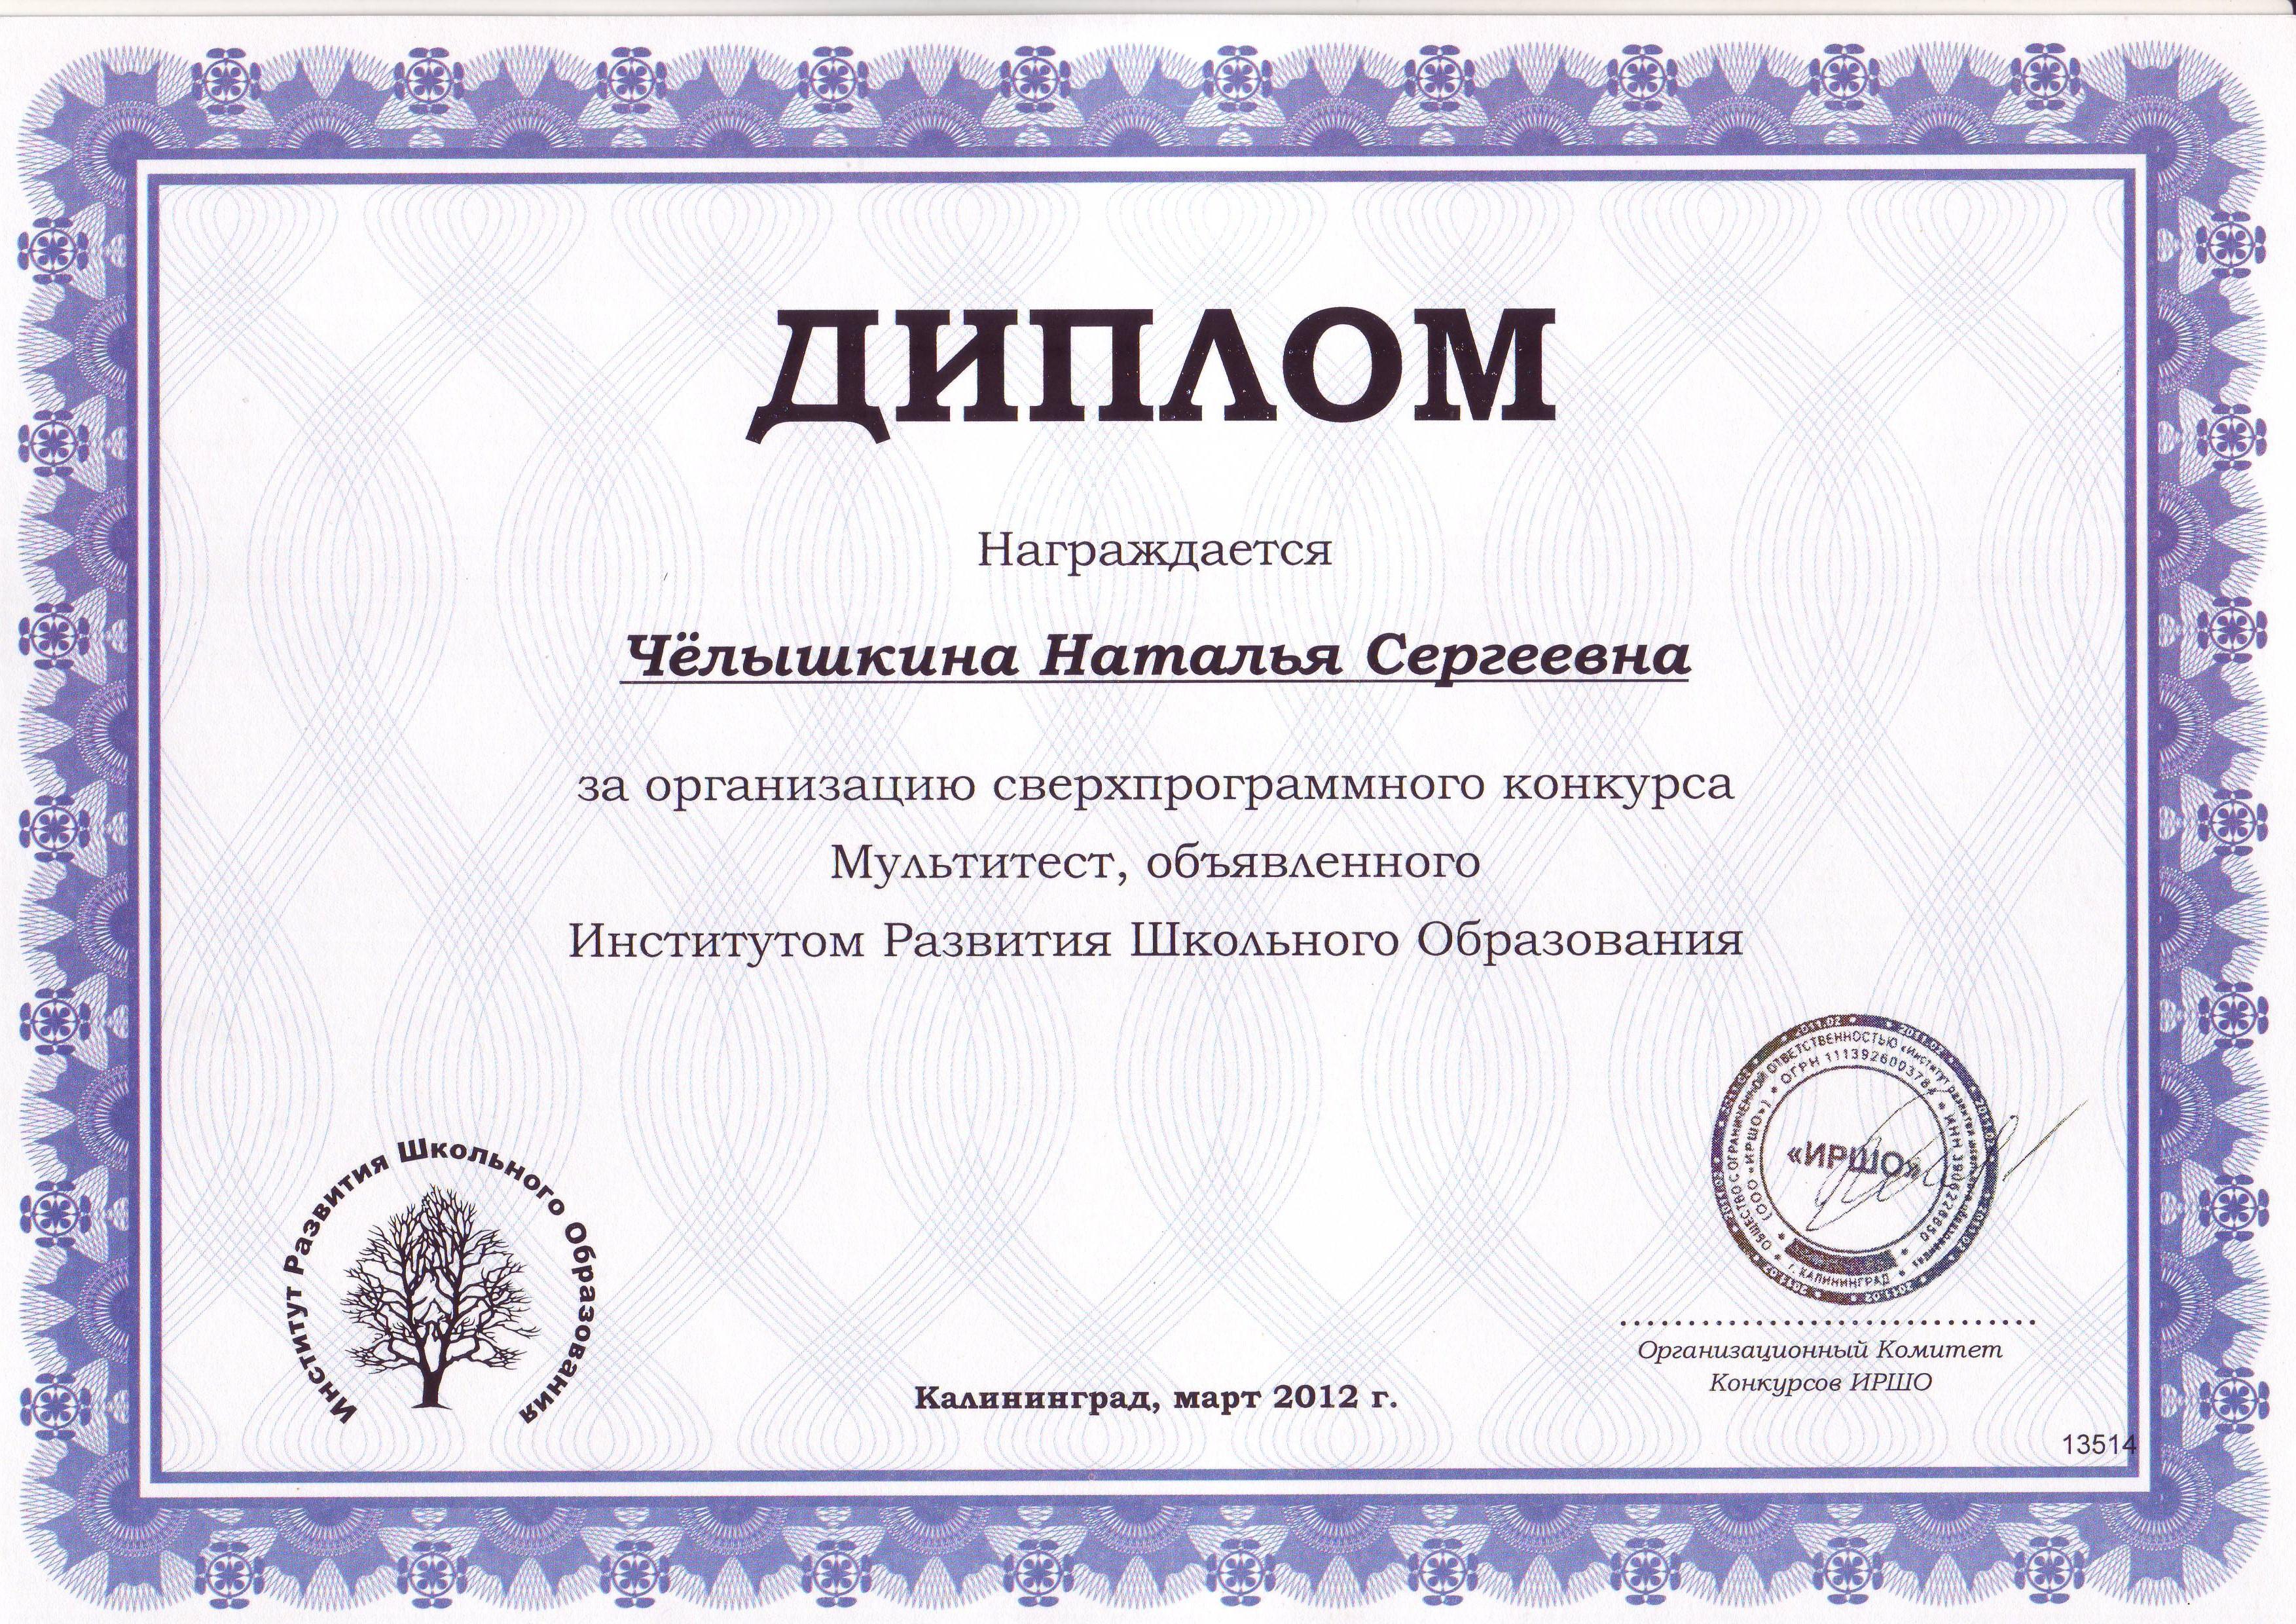 Сайт для учеников и преподавателей Благодарности  за участие в организации конкурса Диплом 2012 2013